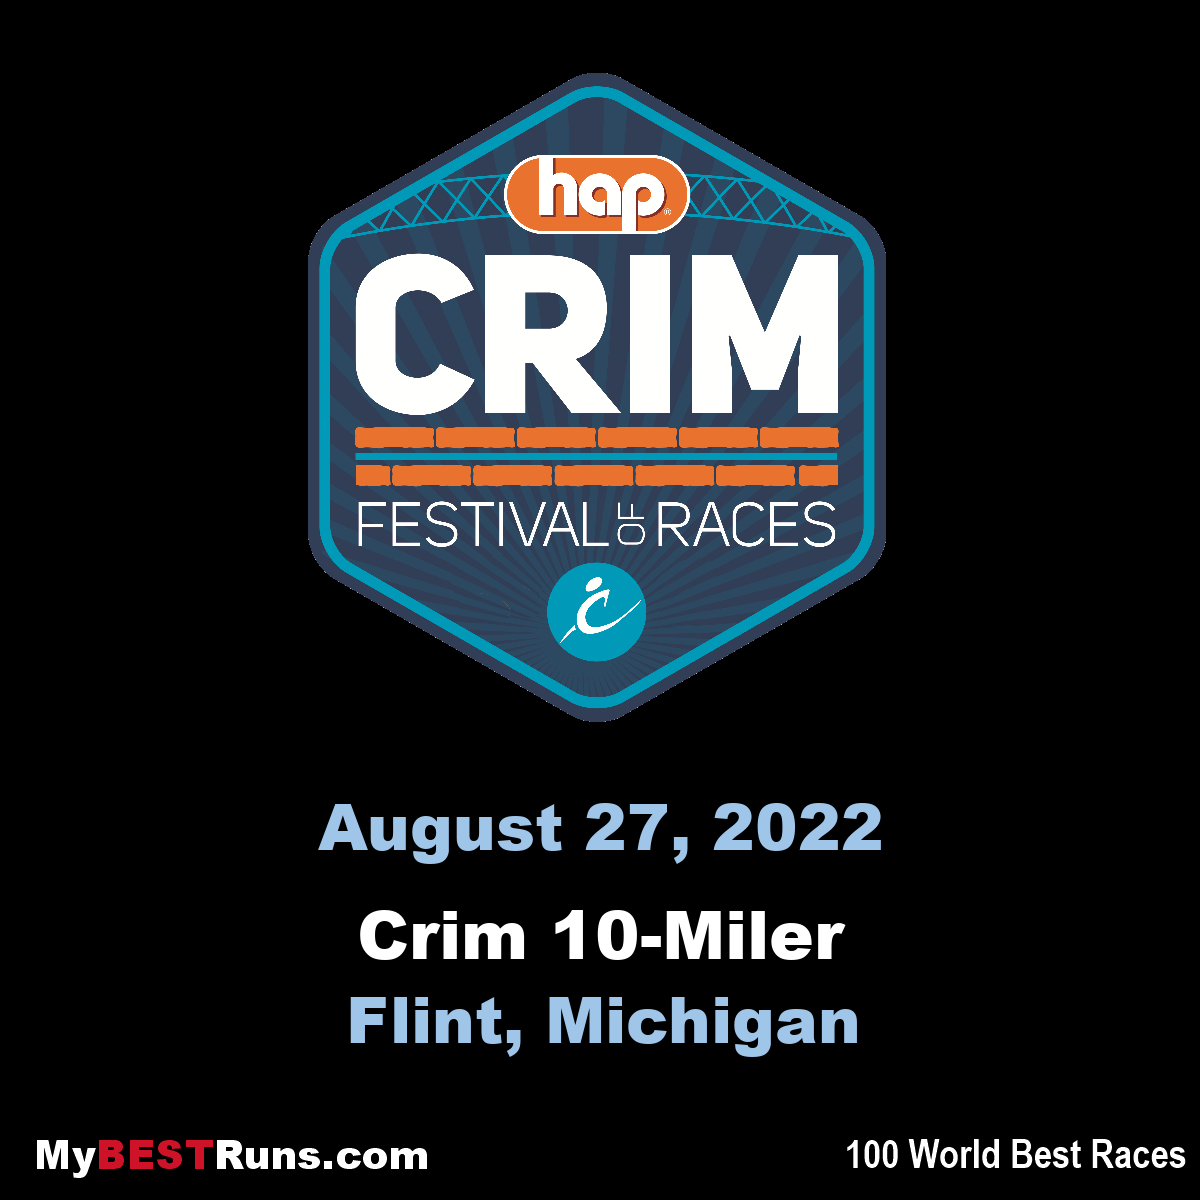 Crim 10-Miler